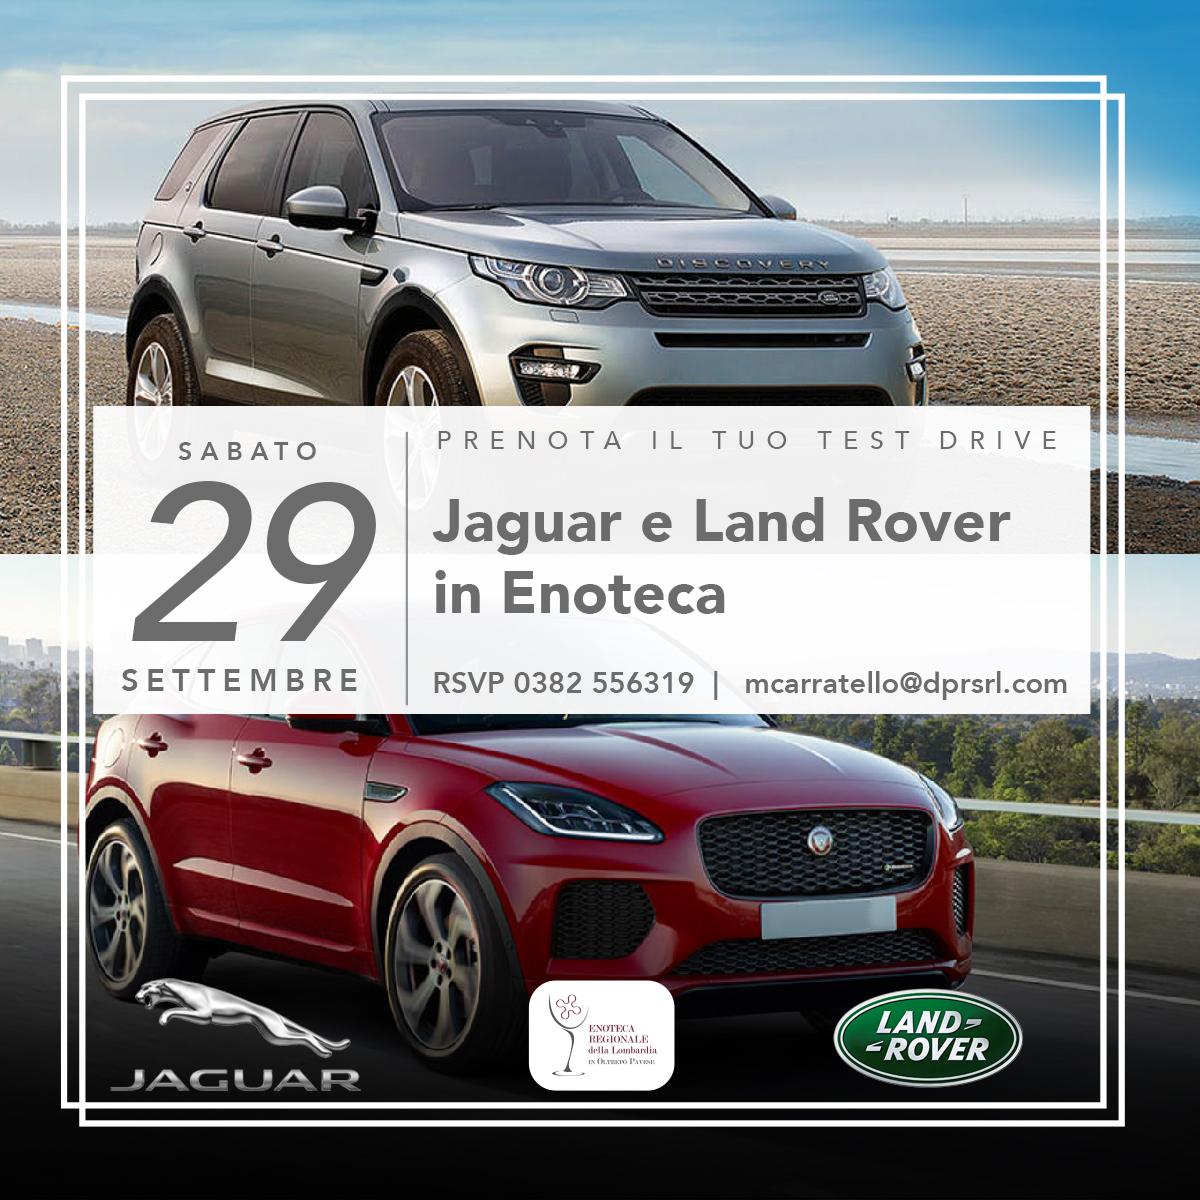 Jaguar e Land Rover in Enoteca